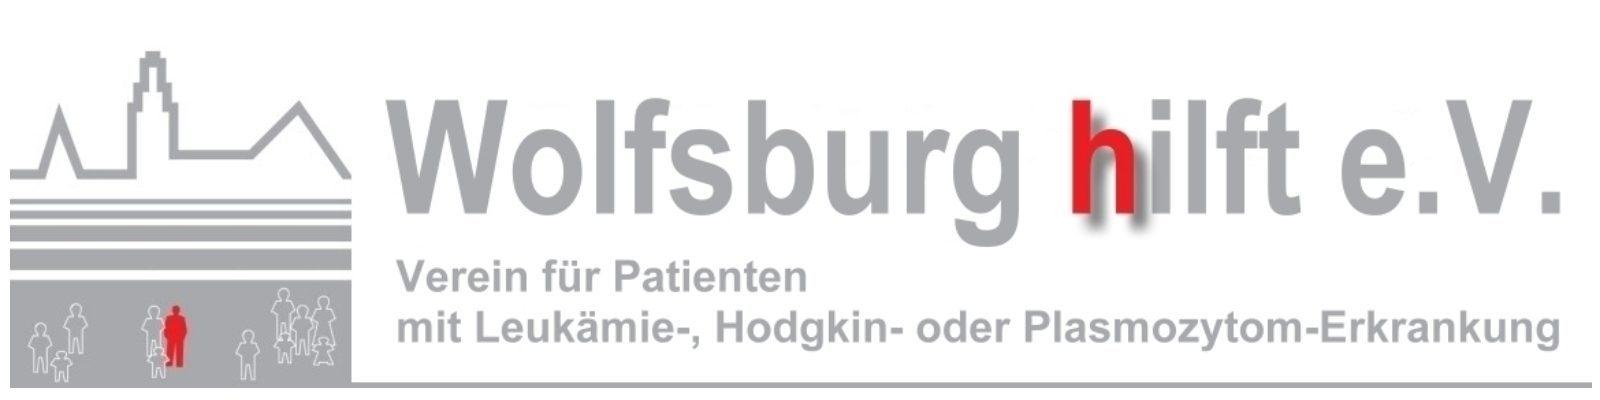 Wolfsburg hilft e.V.